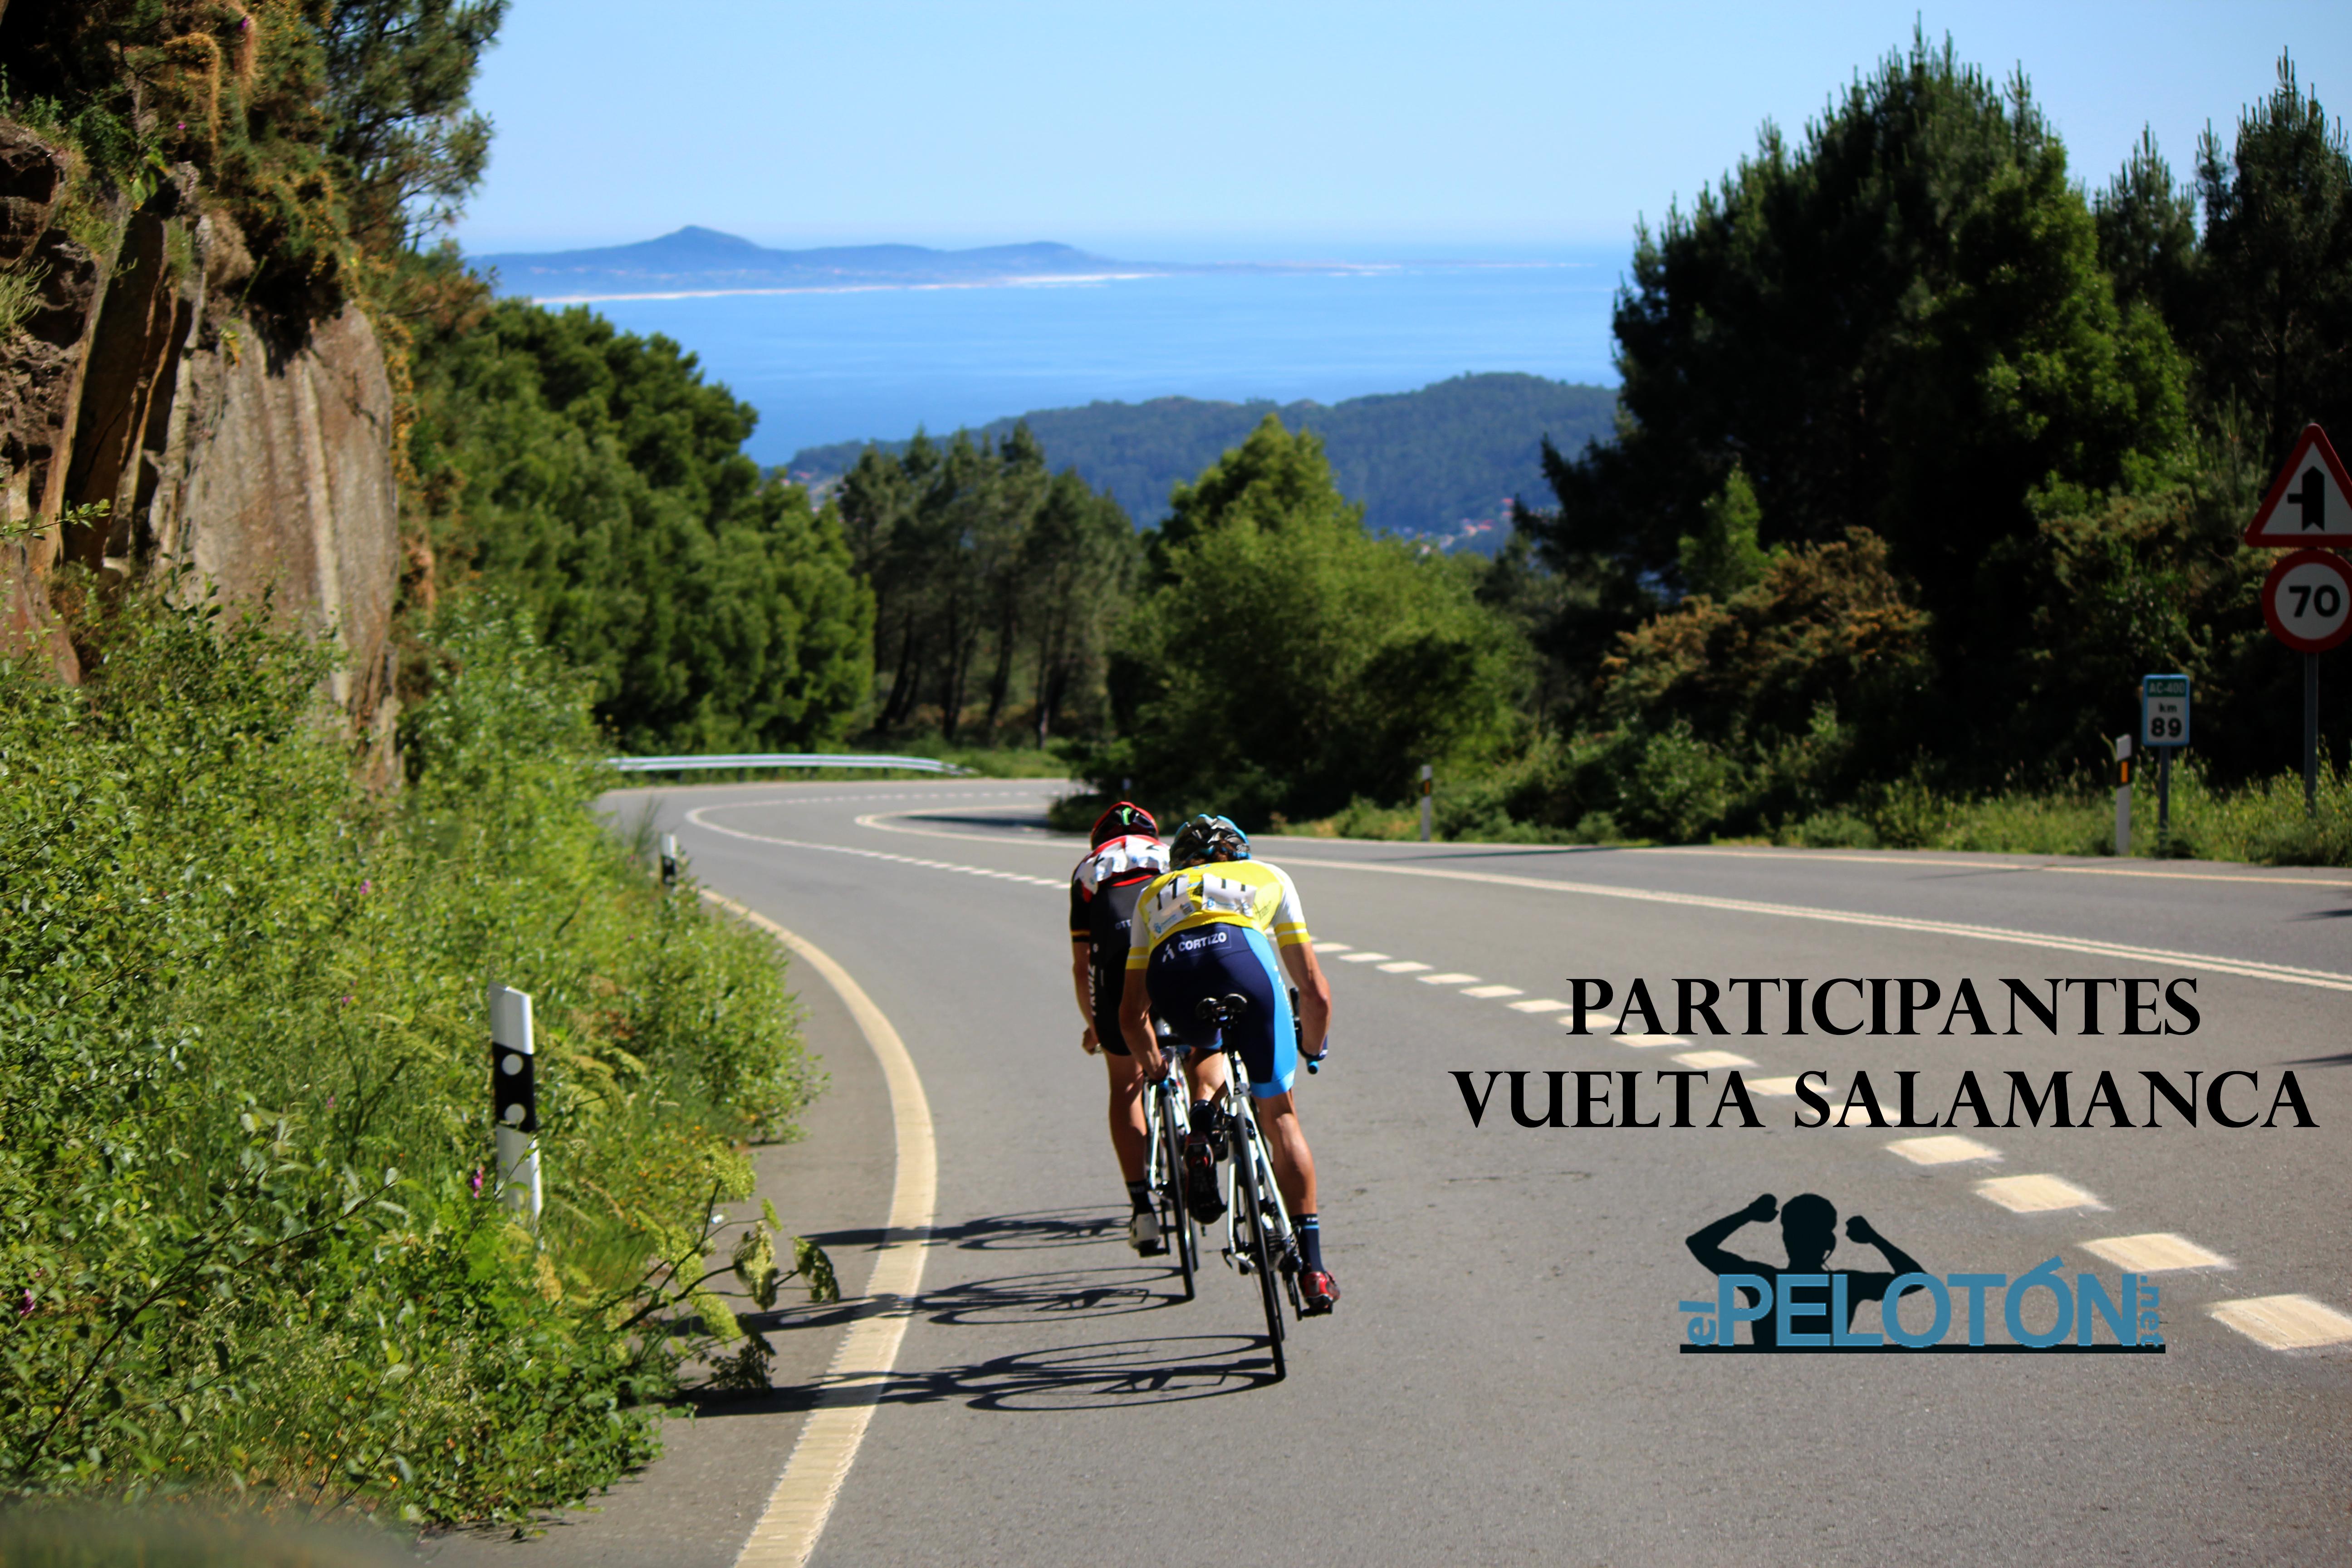 Participantes Vuelta Salamanca